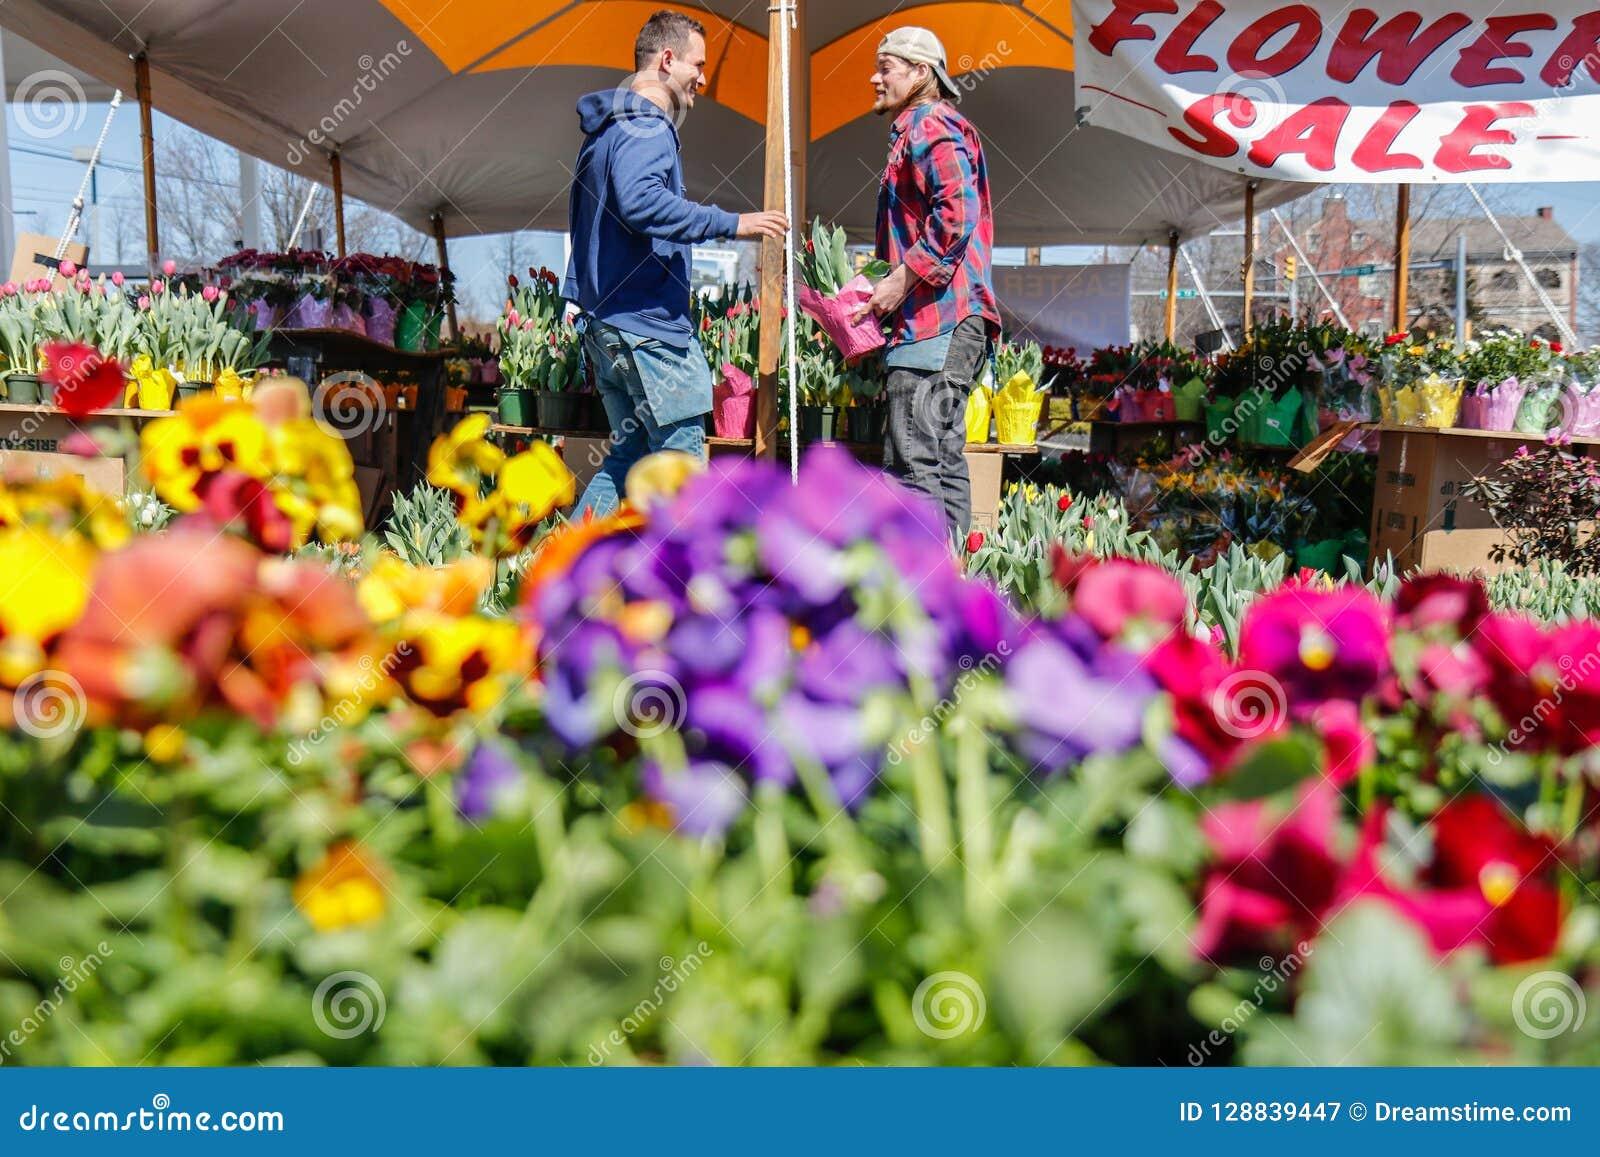 LANCASTER, PENSILVÂNIA - 21 DE MARÇO DE 2018: Floresce a venda Loja de flores em fora